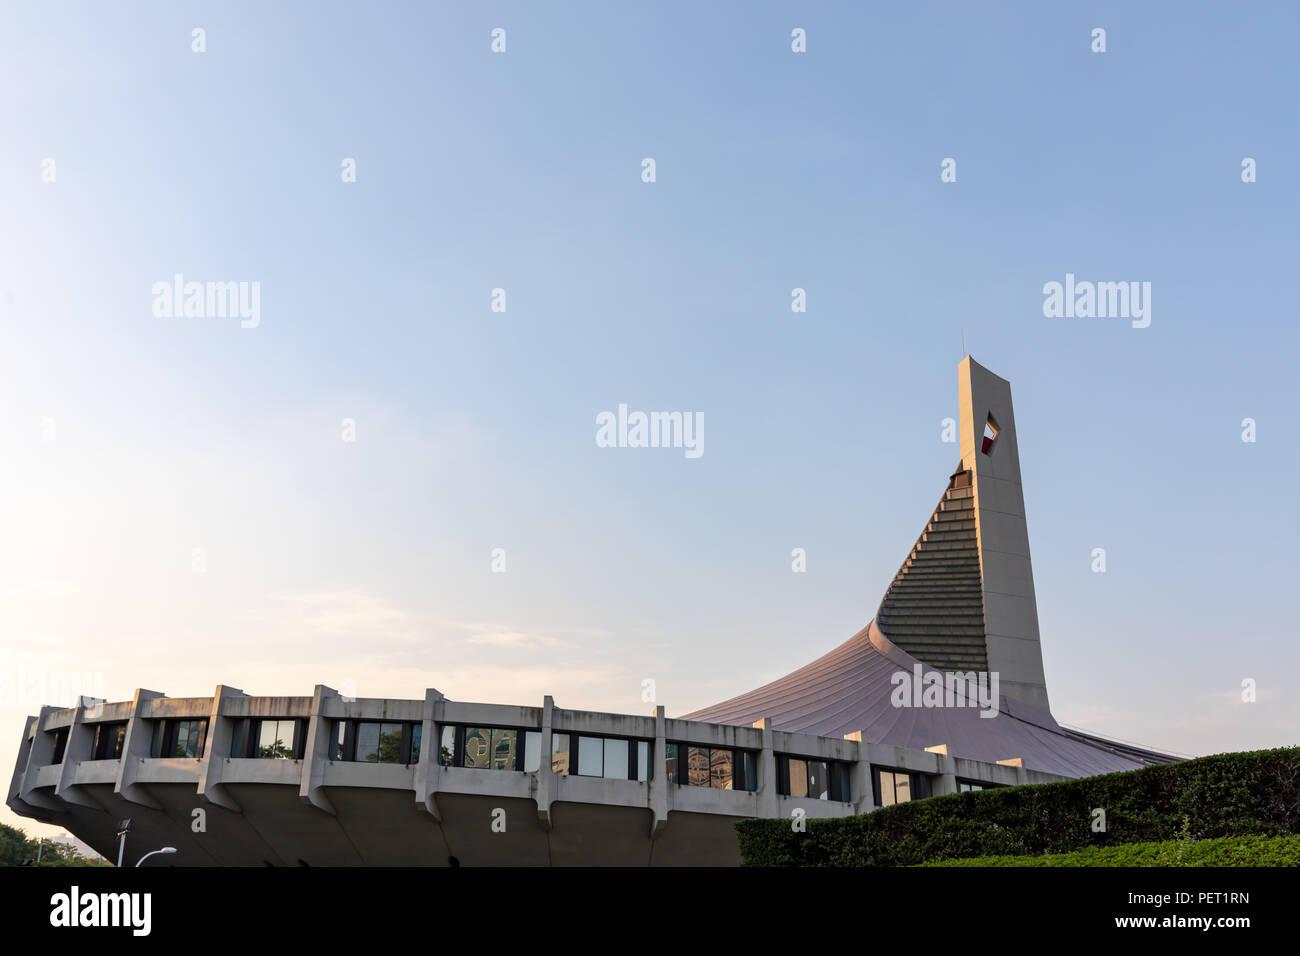 Stade national de Yoyogi (Kenzo Tange), construit pour le Jeux Olympiques d'été de 1964 à Tokyo, Japon Banque D'Images